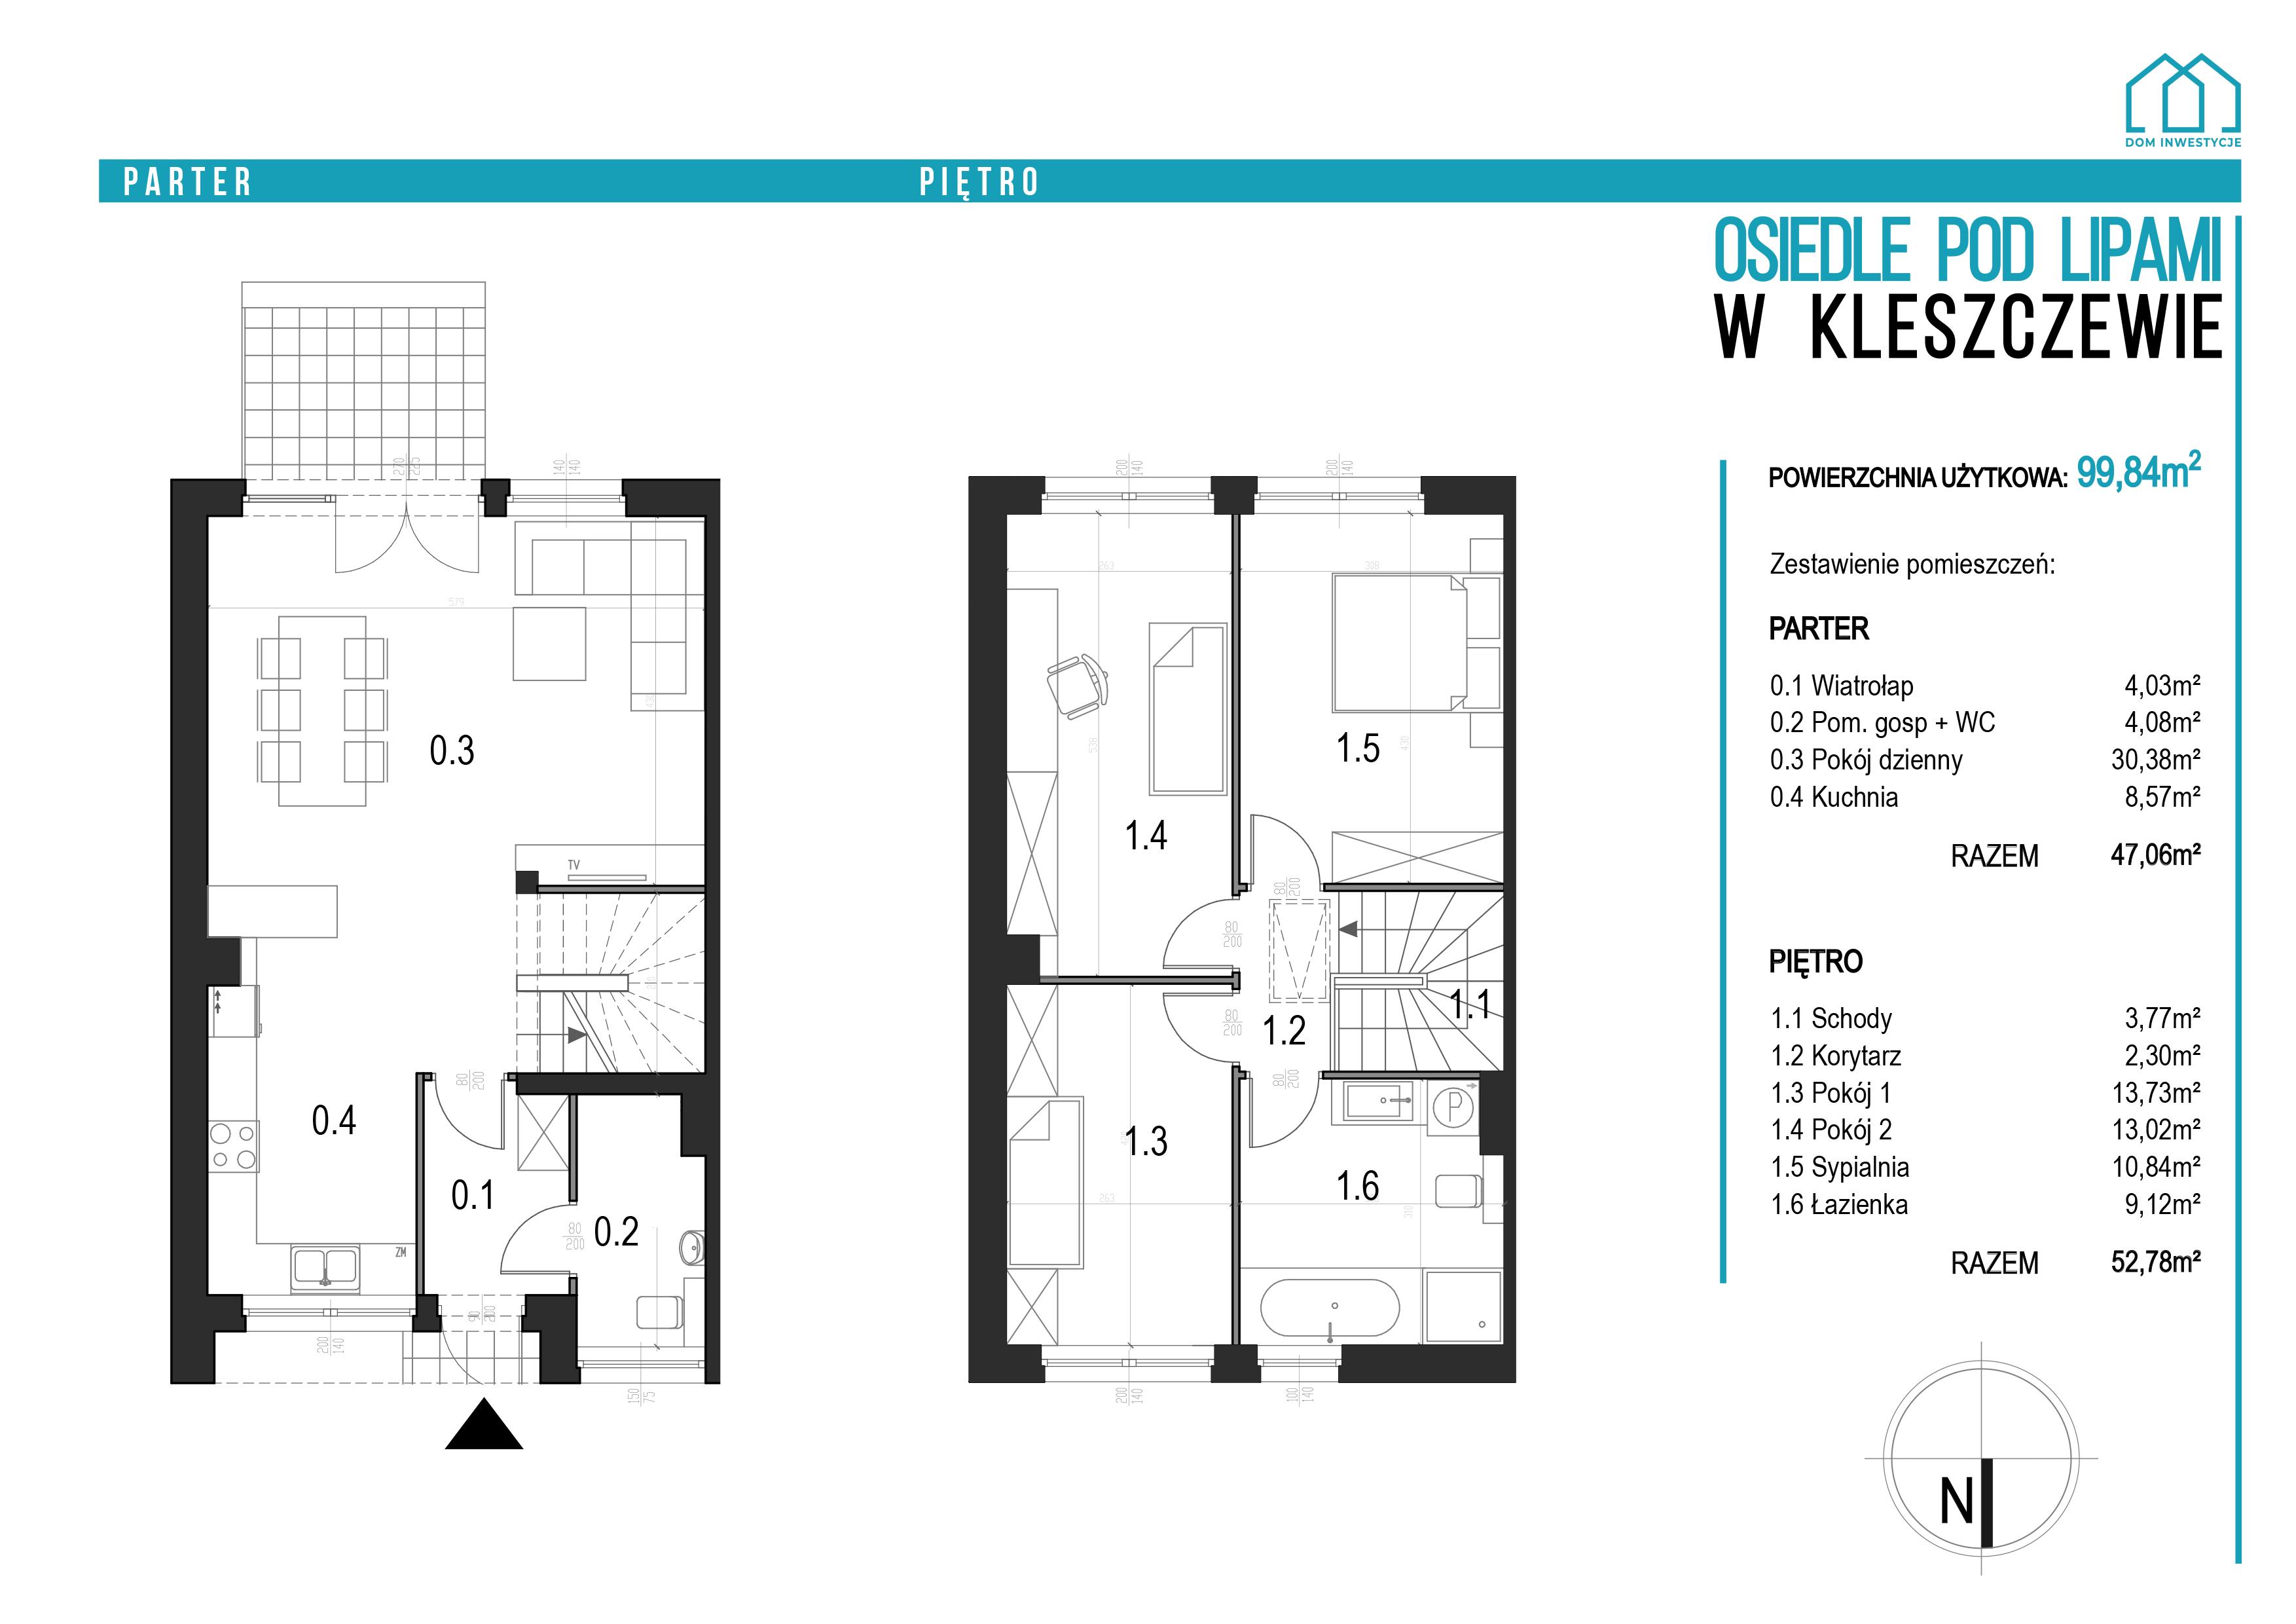 Osiedle wKleszczewie - karta lokalu